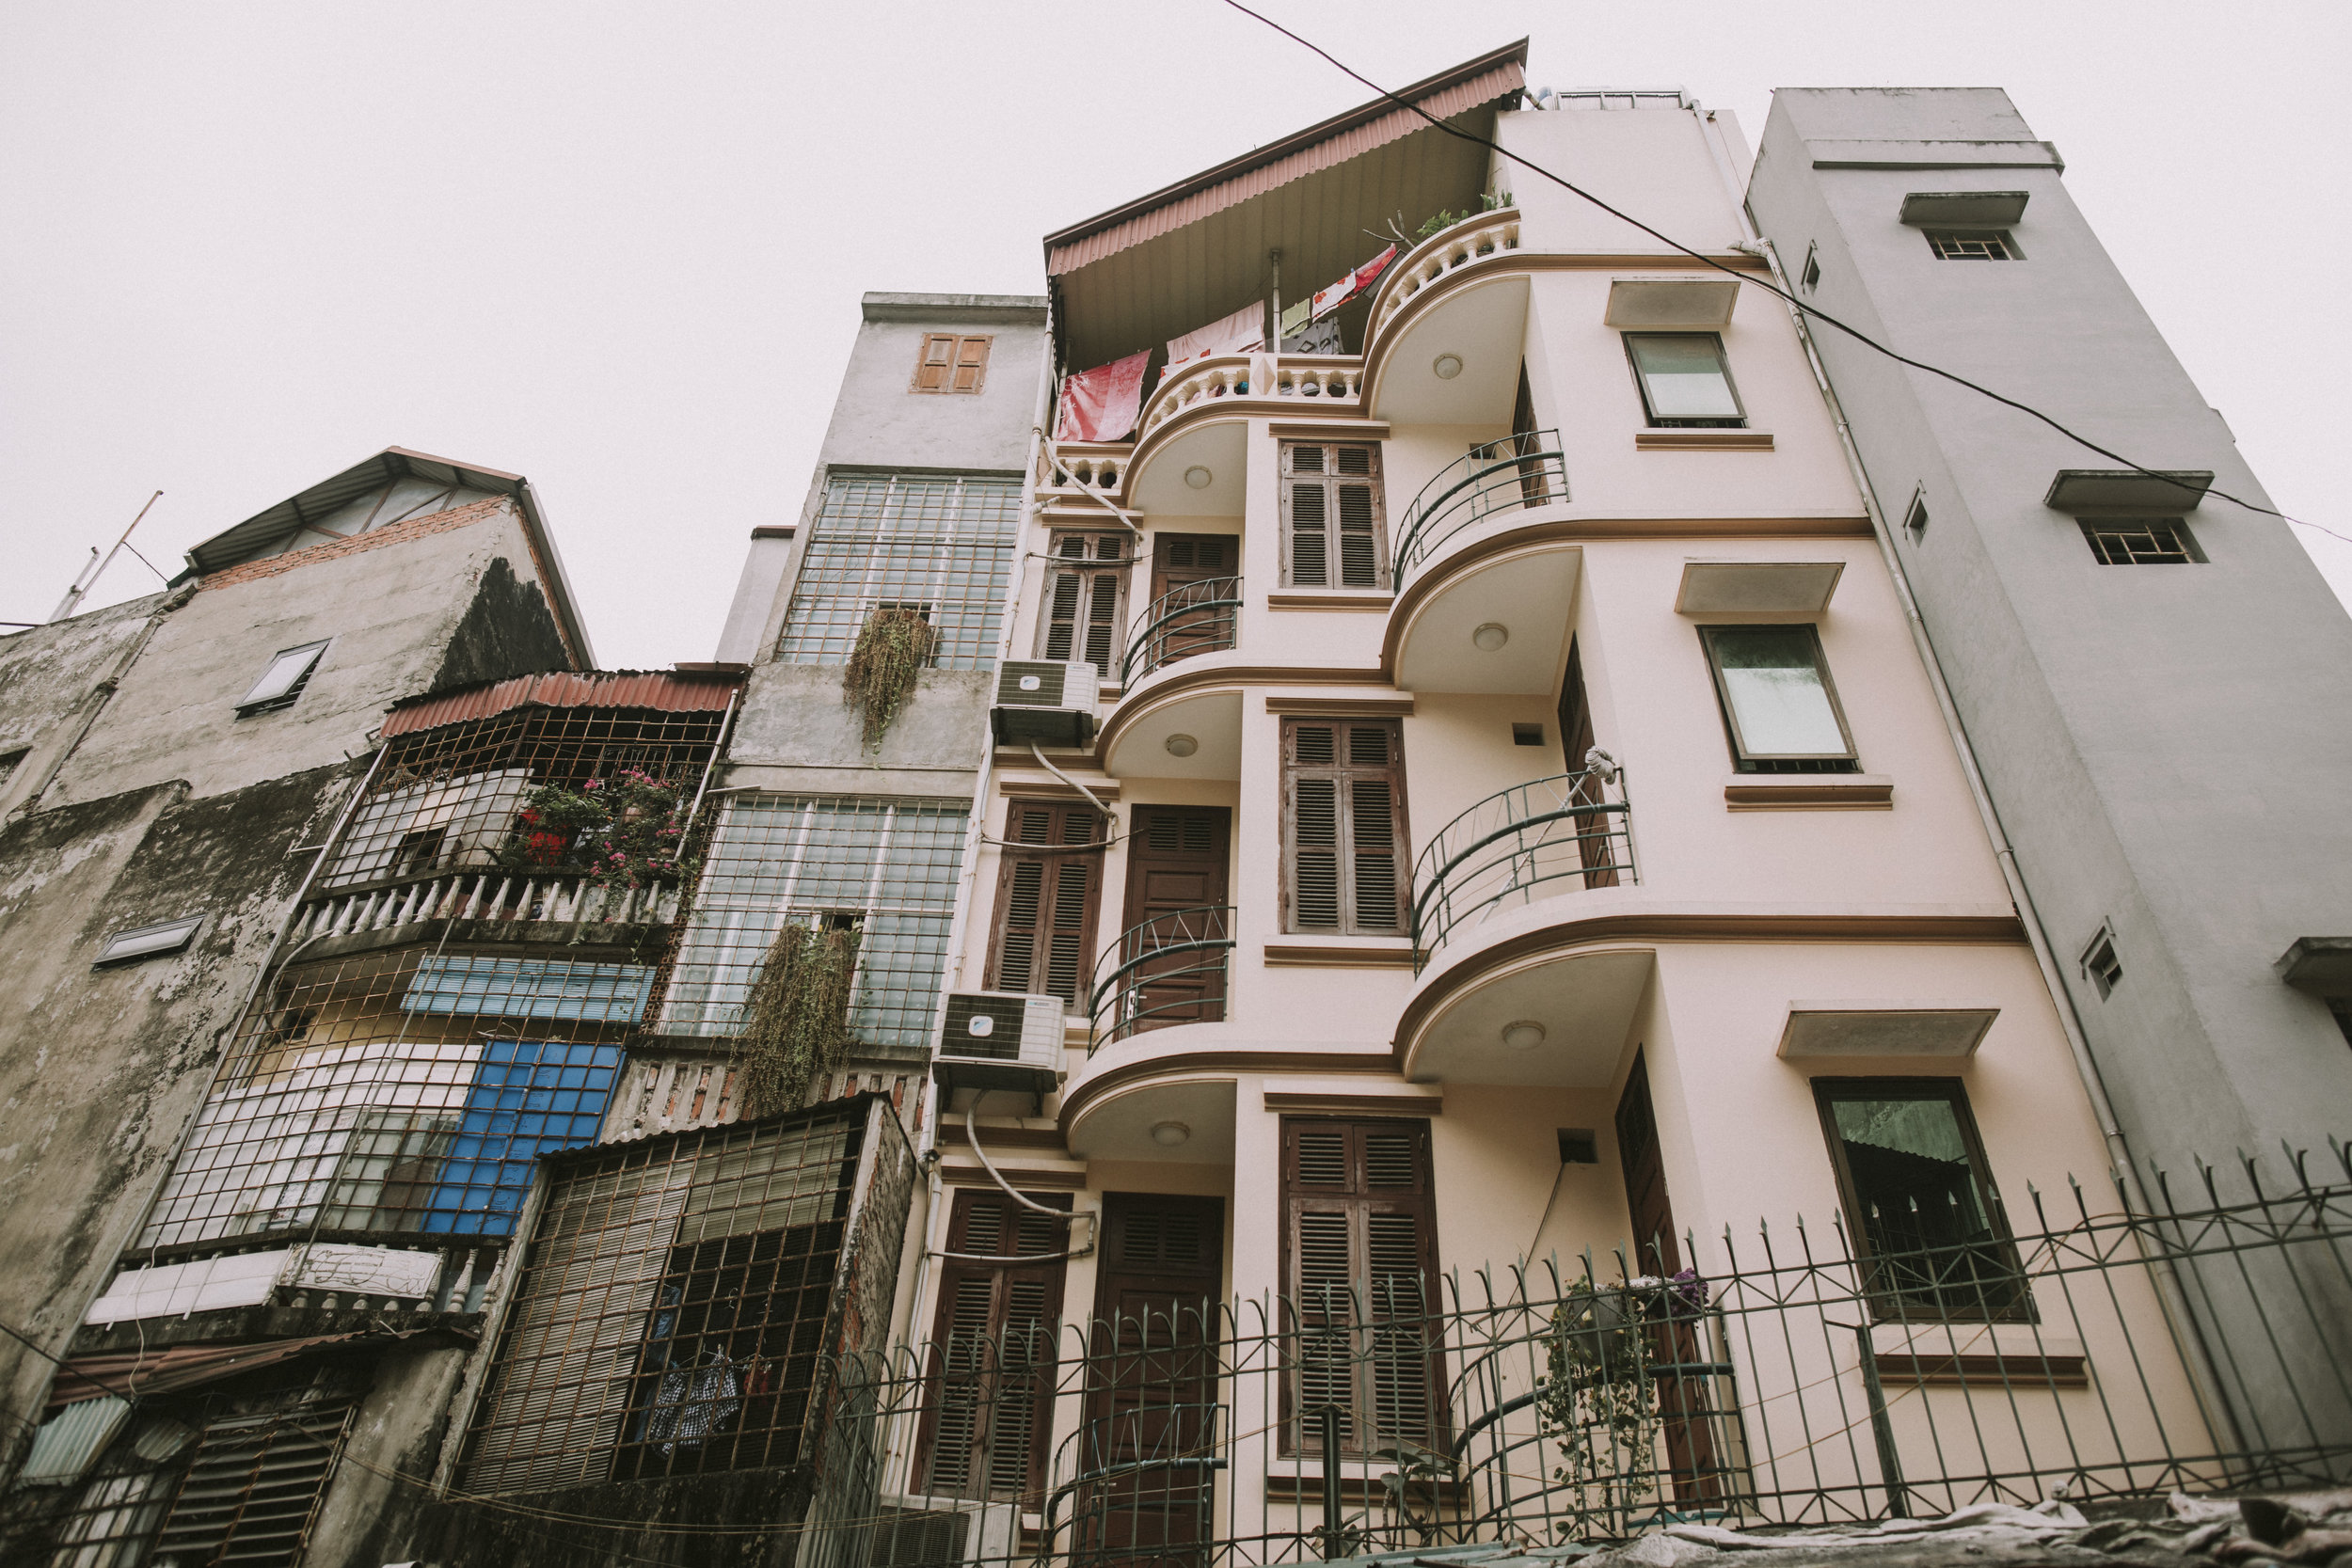 Hanoi architecture